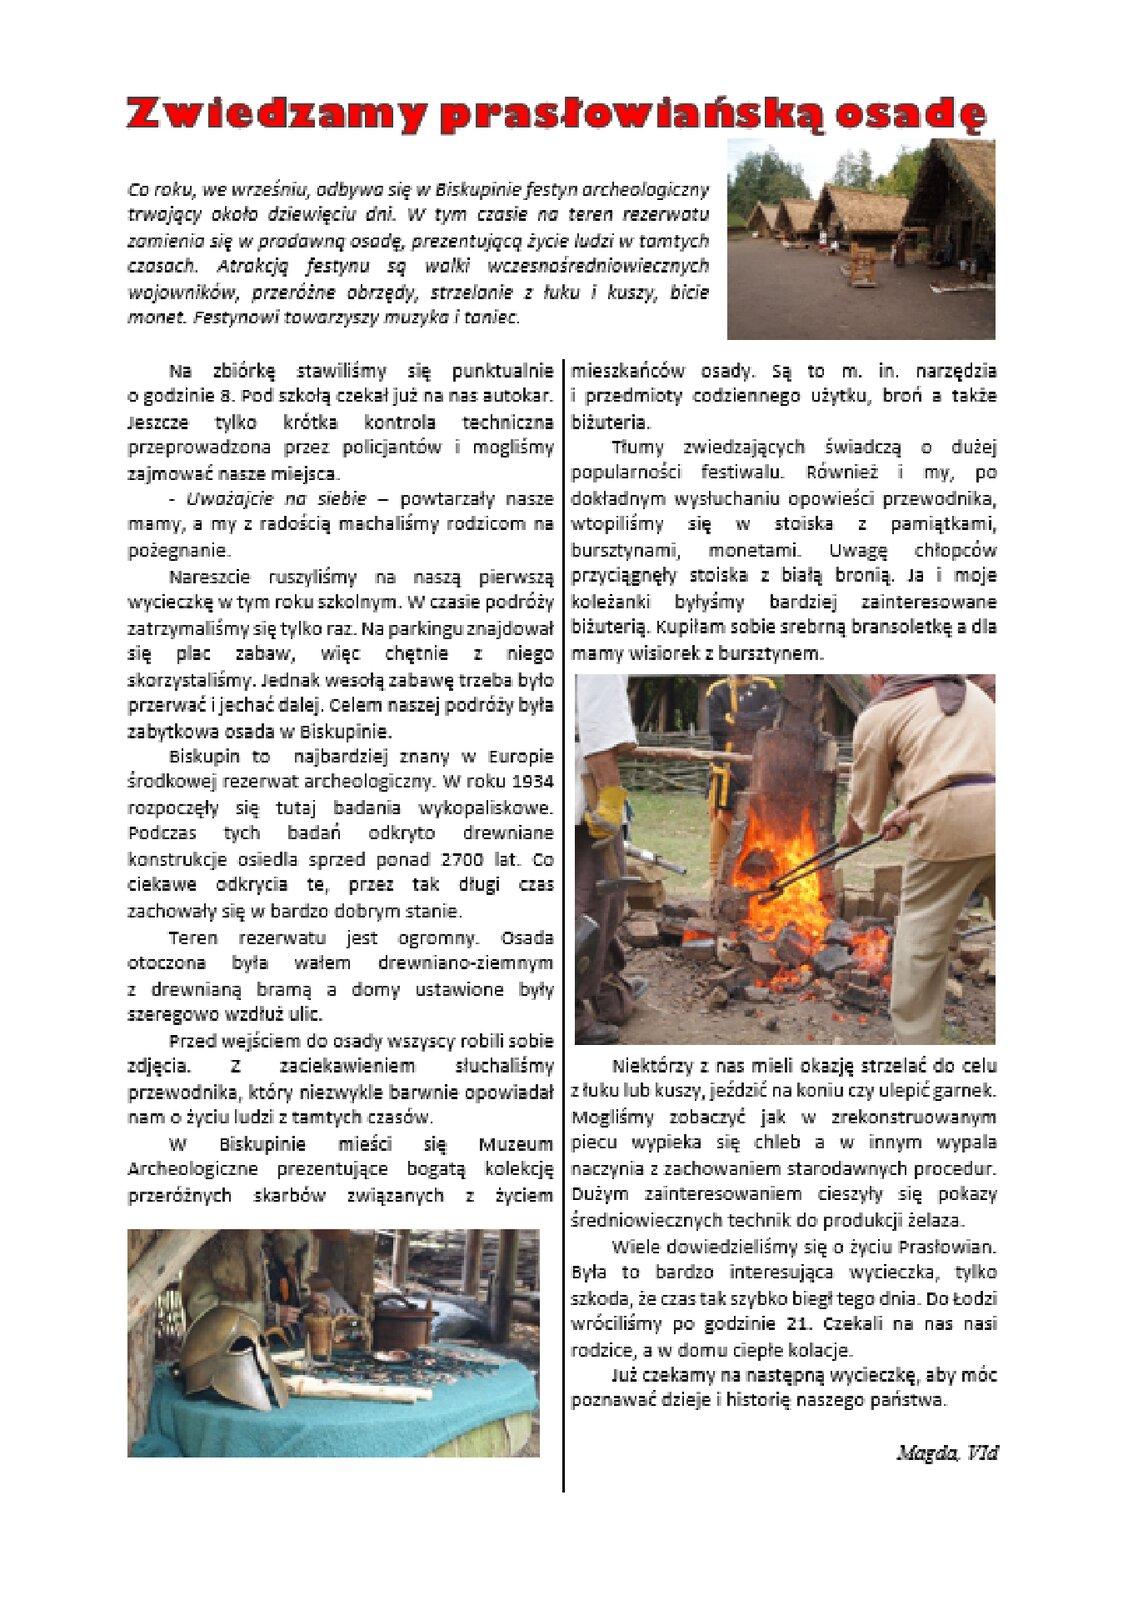 Zrzut strony szkolnej gazety ztekstem podzielonym na dwie kolumny